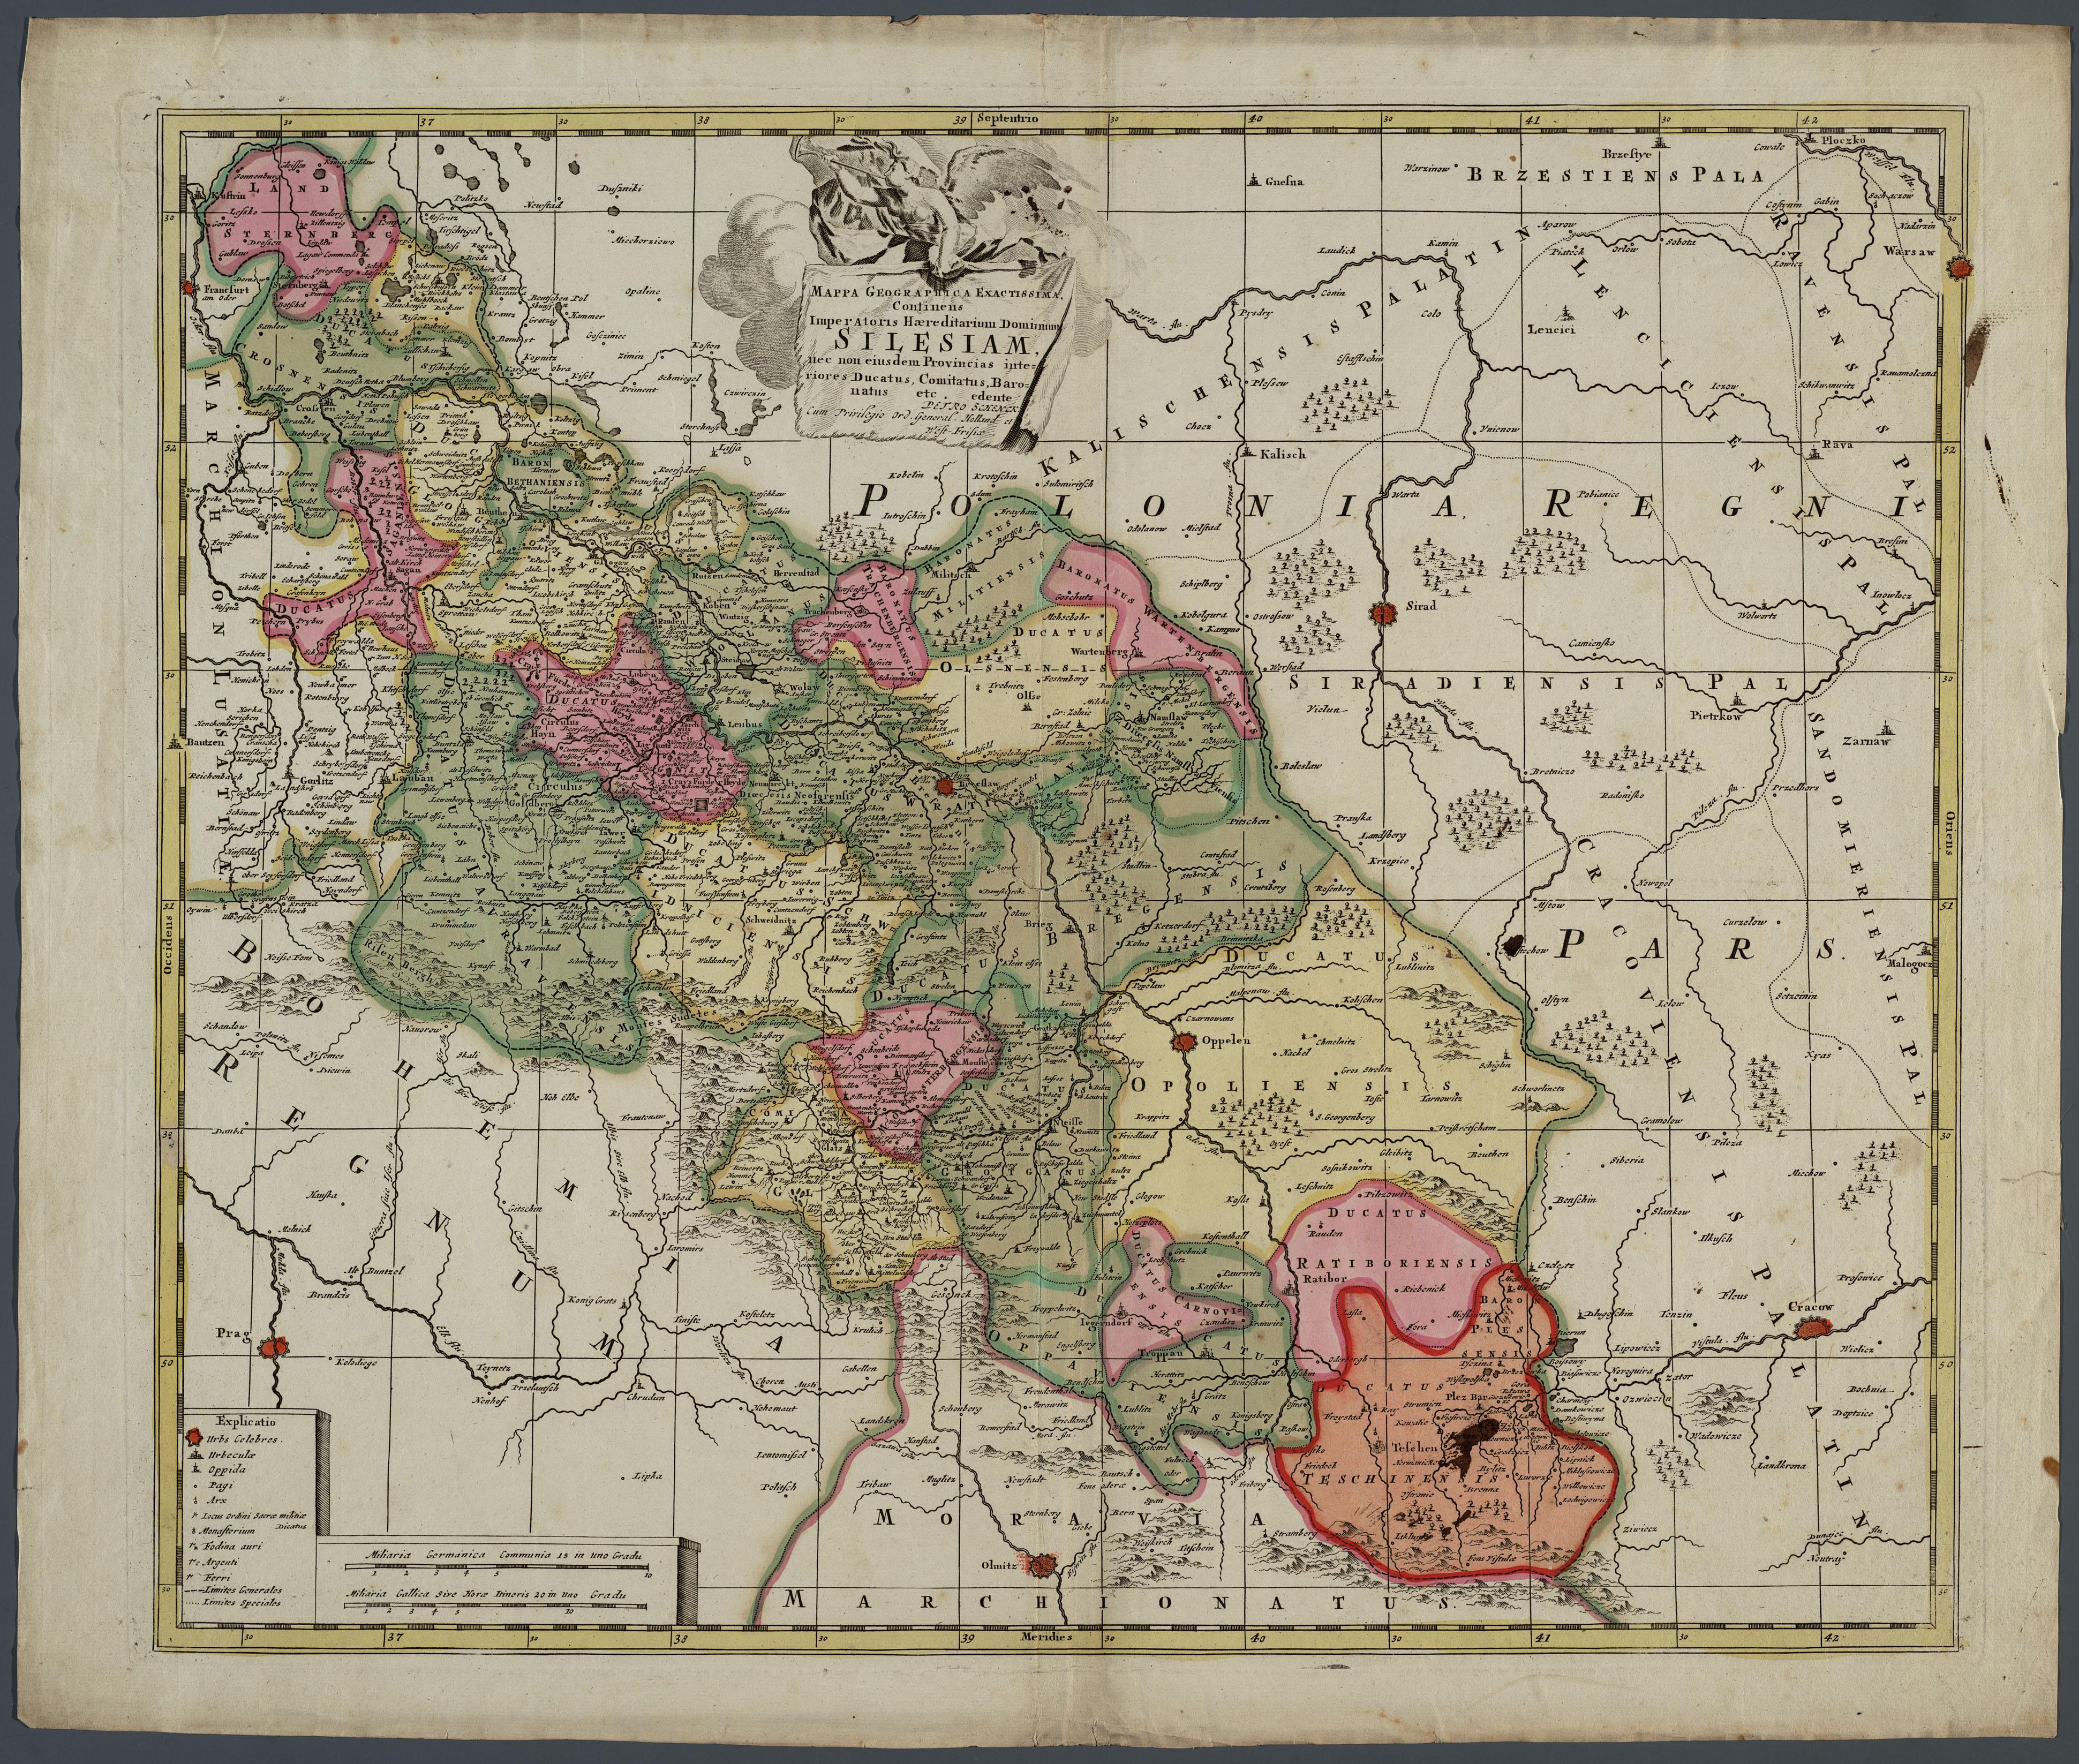 Schlesien Karte Deutsche Ortsnamen.Familia Austria Historische Karten